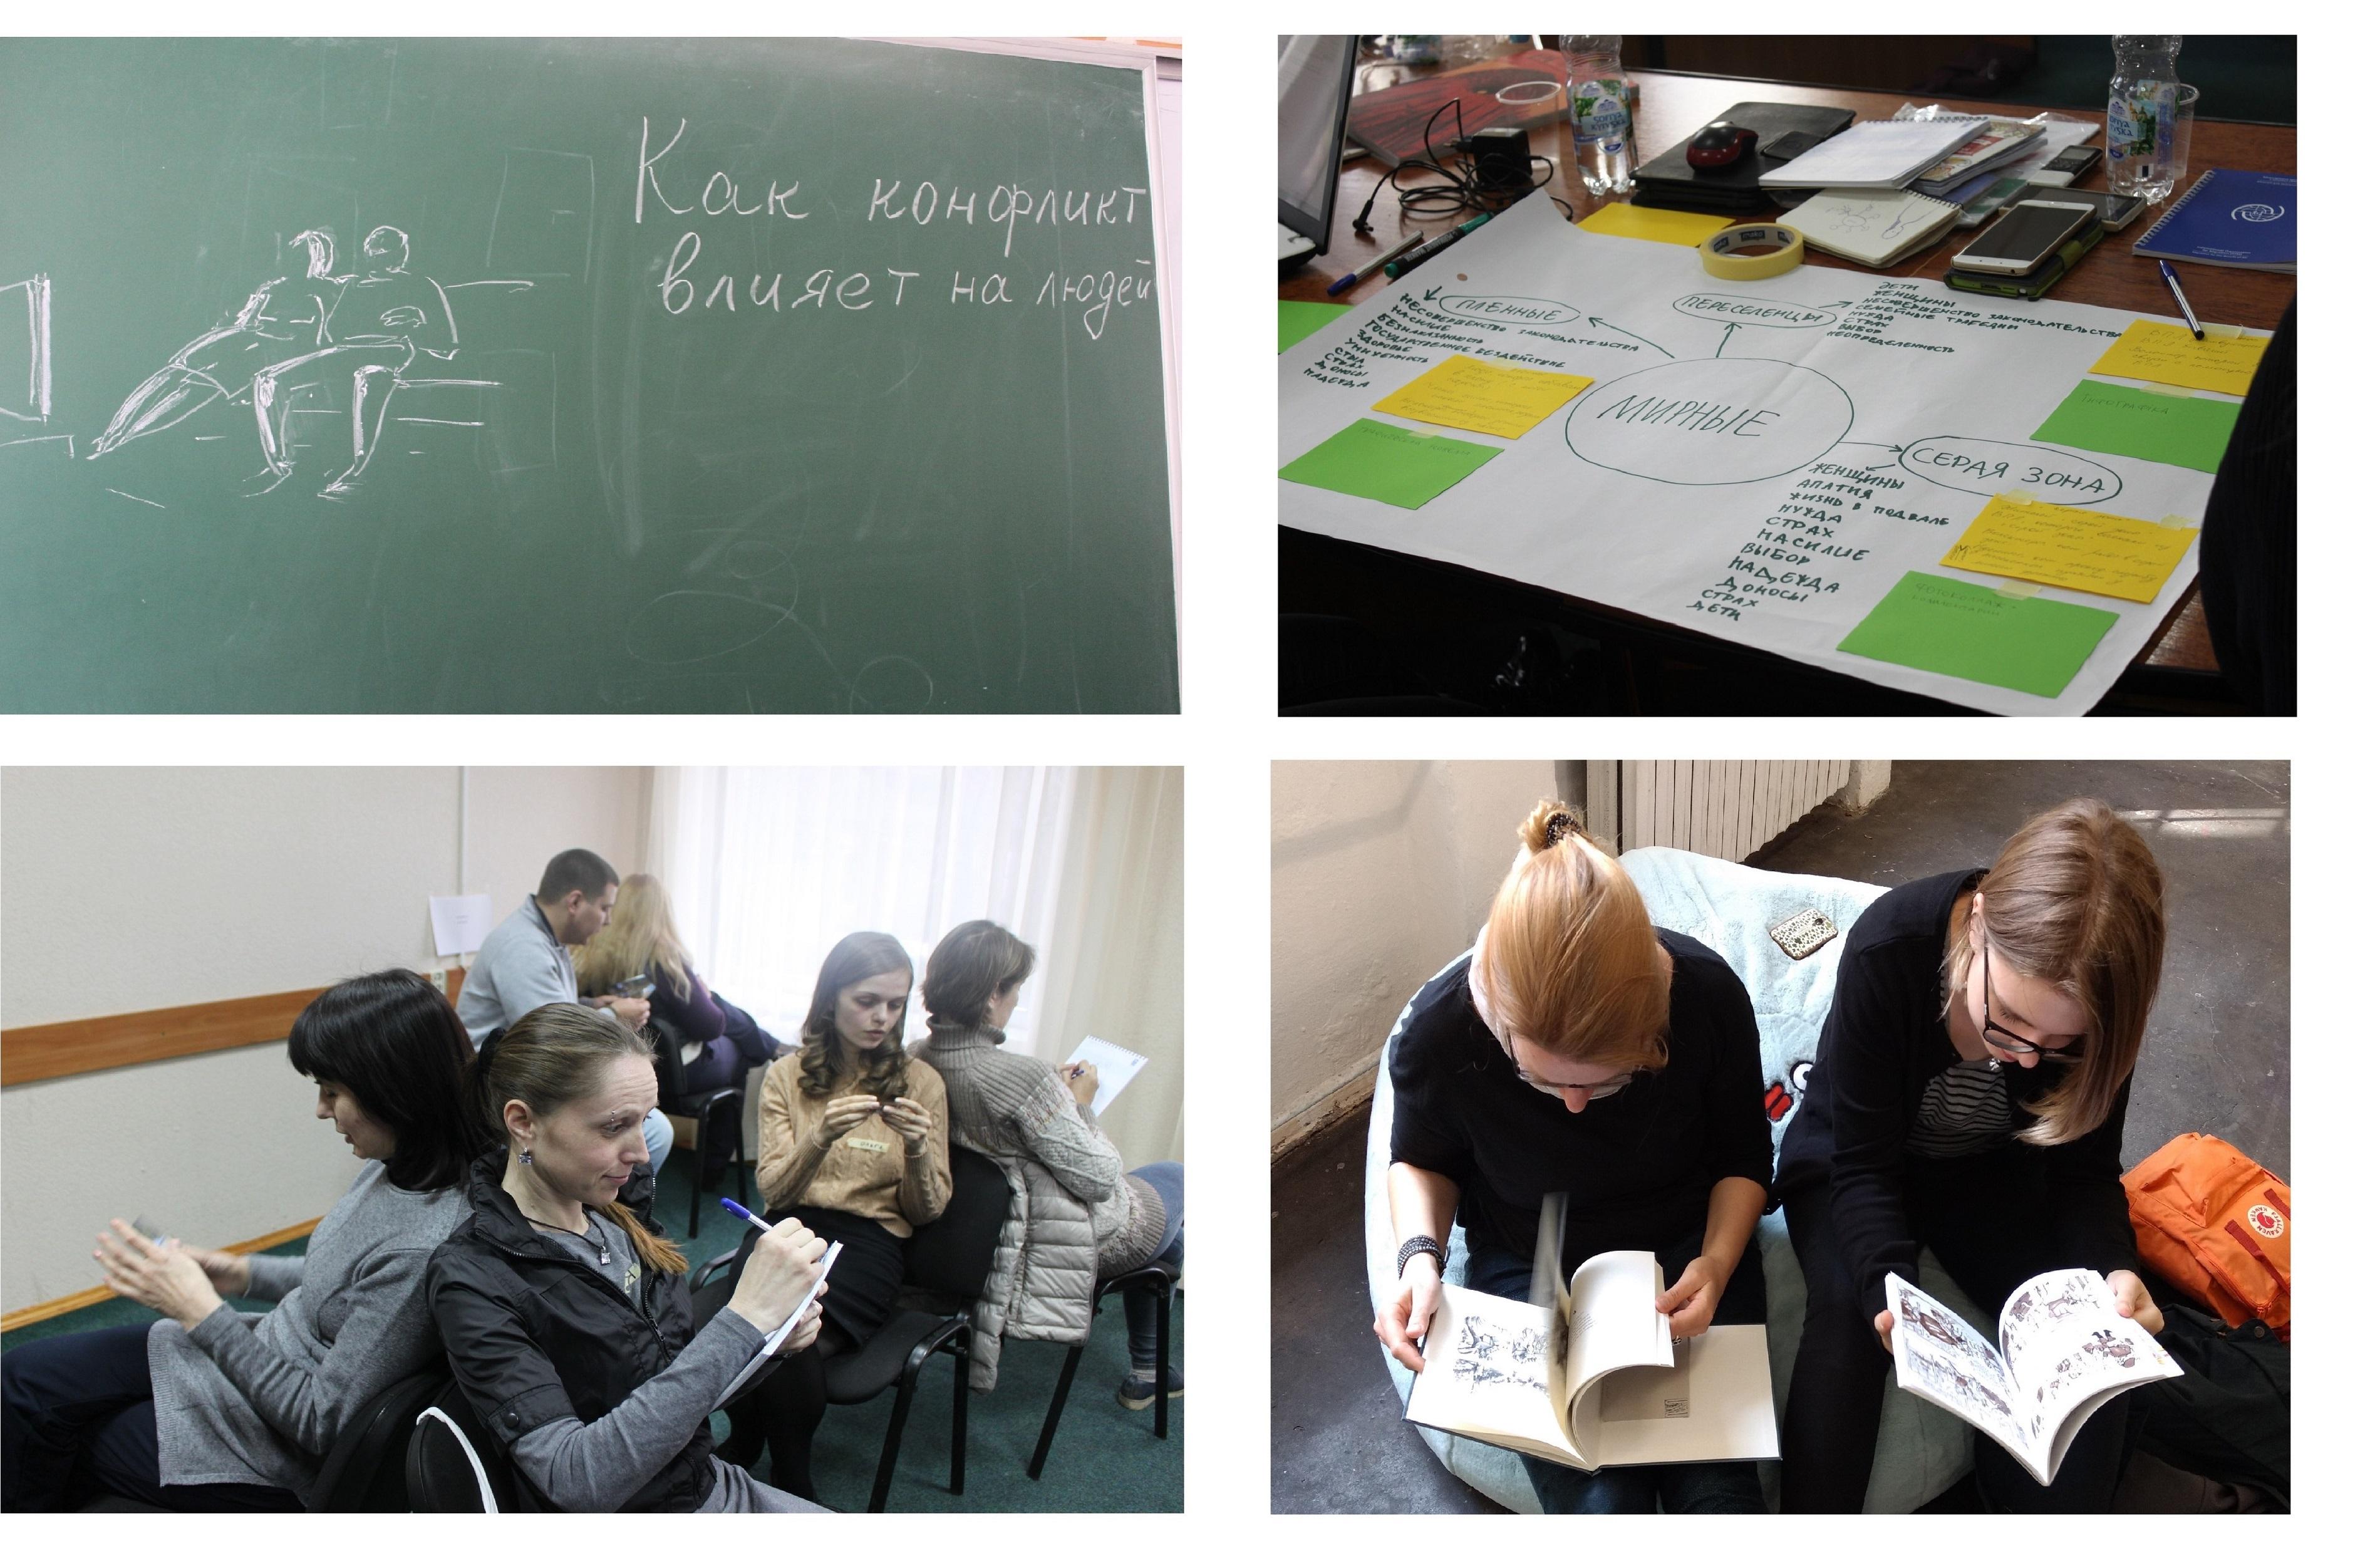 Комунікація про конфлікт. Проект графічних новел про конфлікт на Донбасі